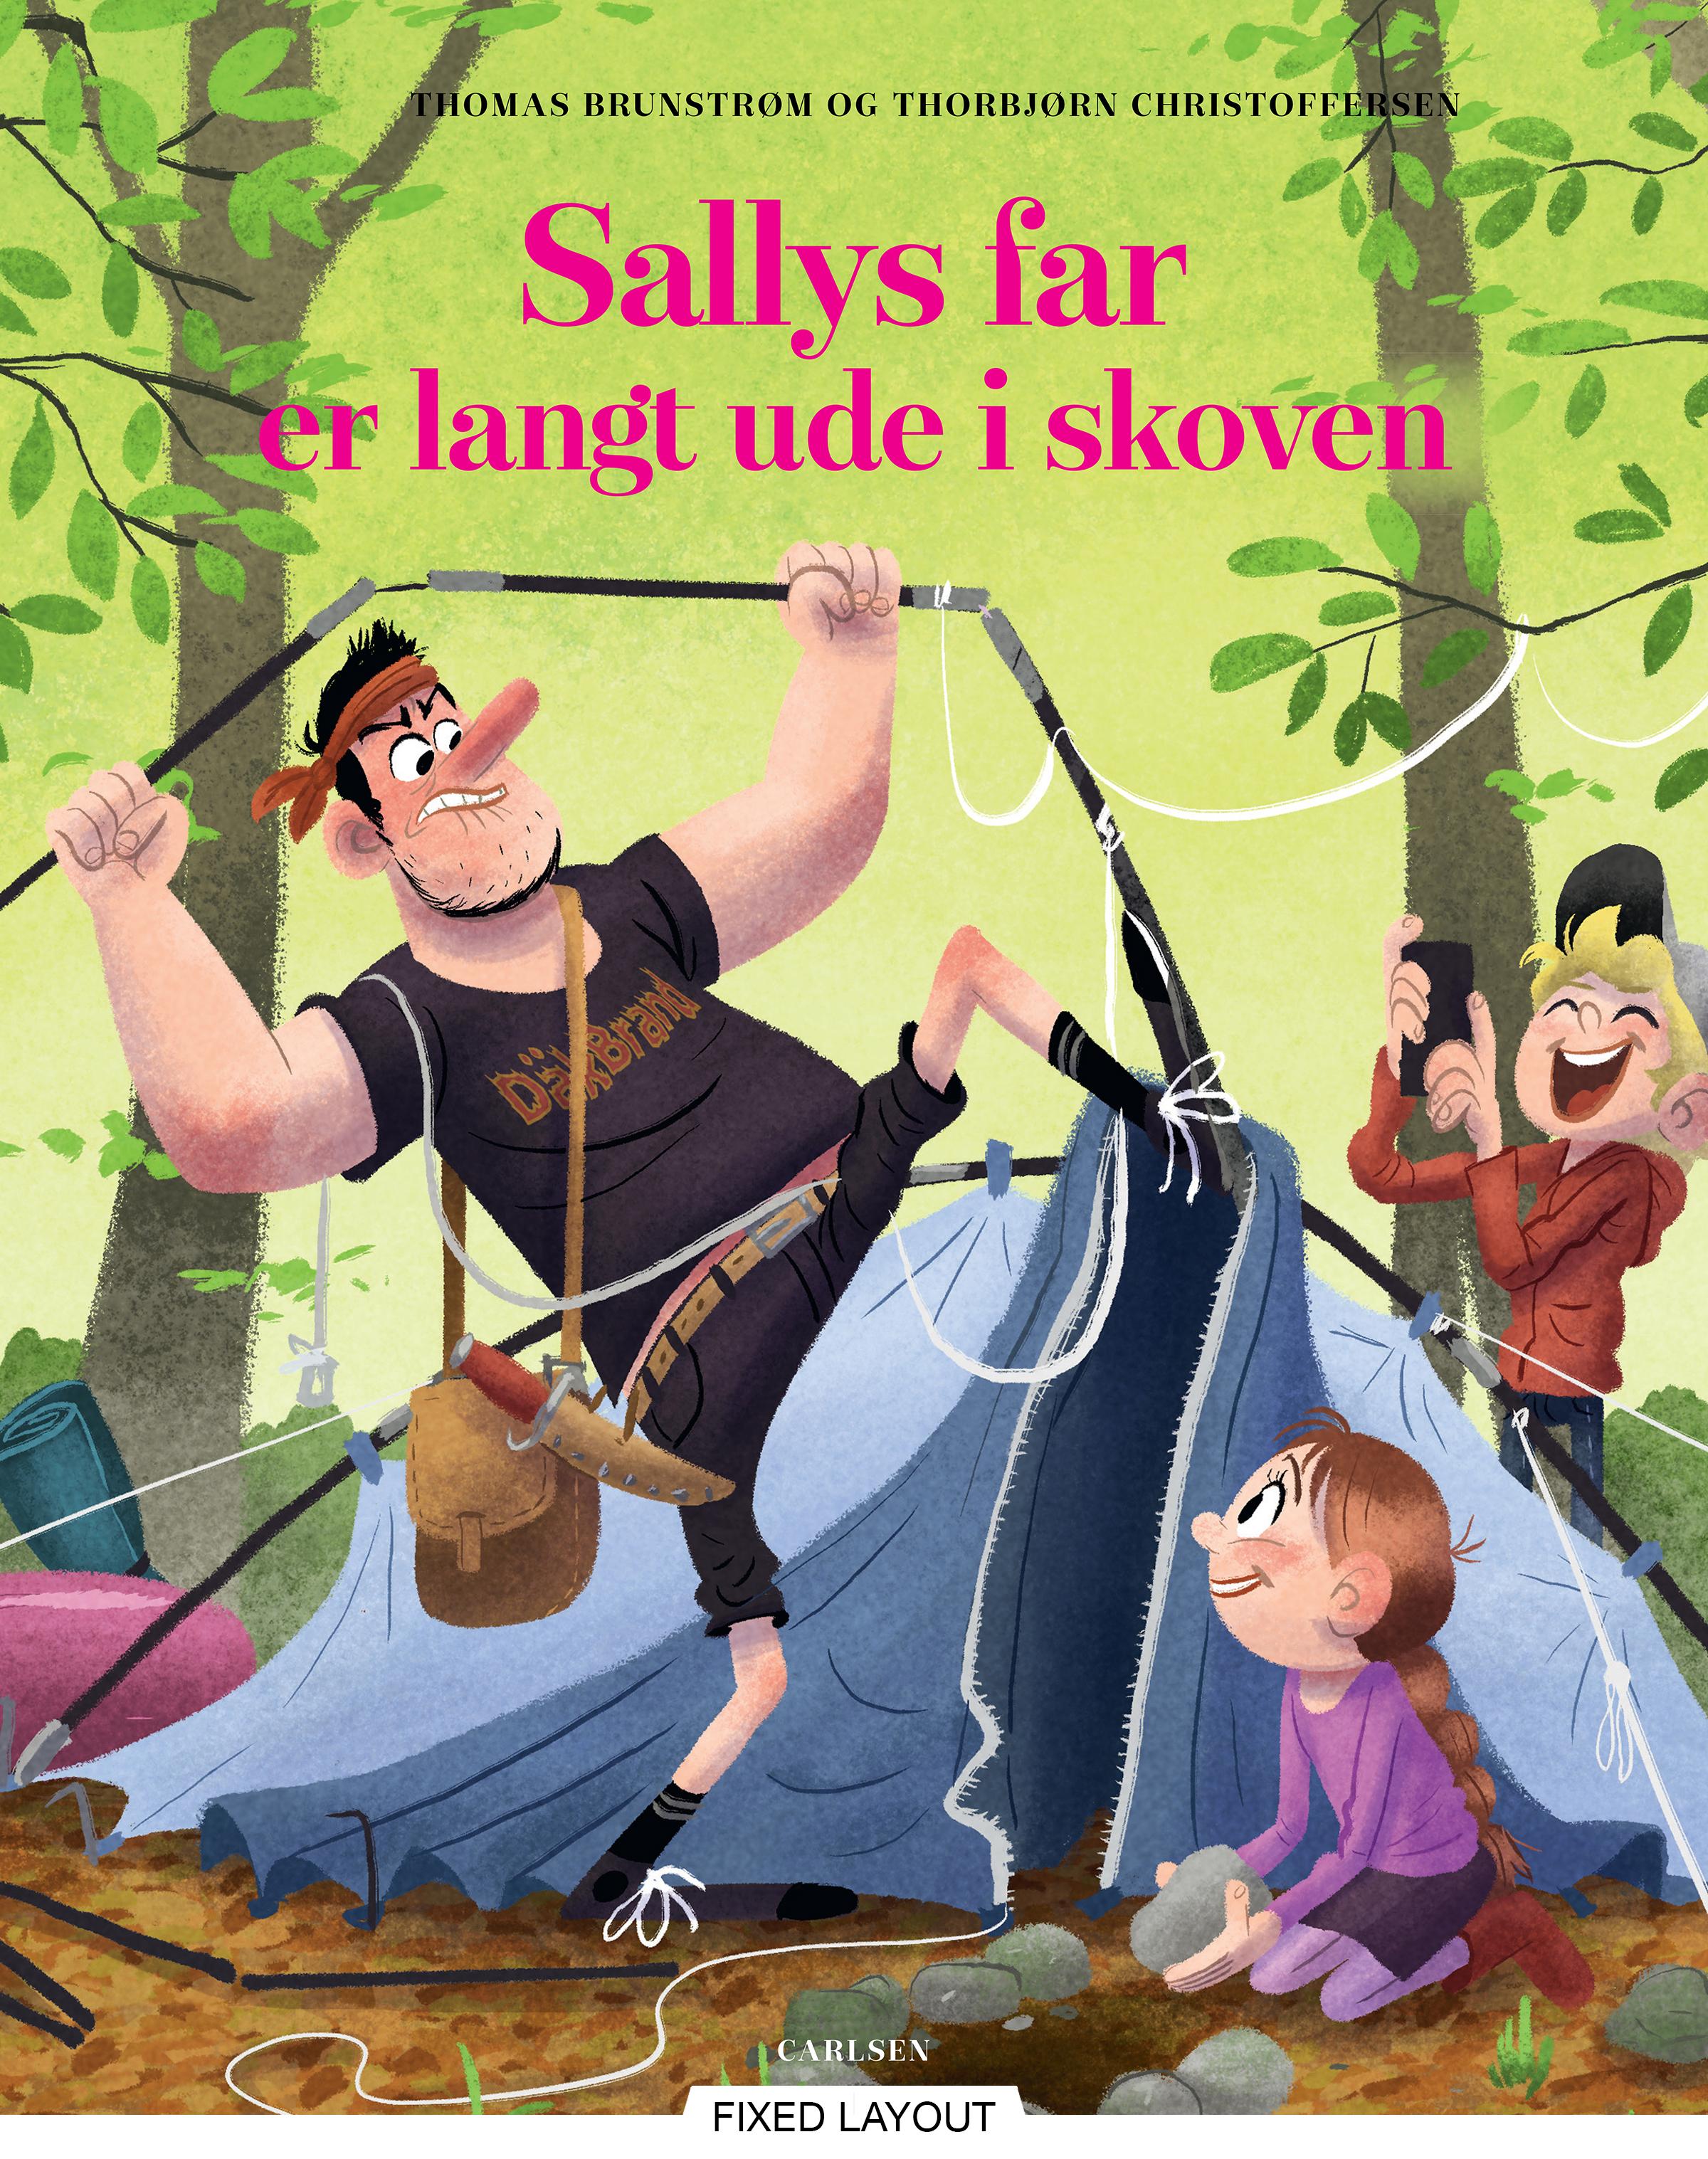 Sallys far er langt ude i skoven - Maneno - 12169